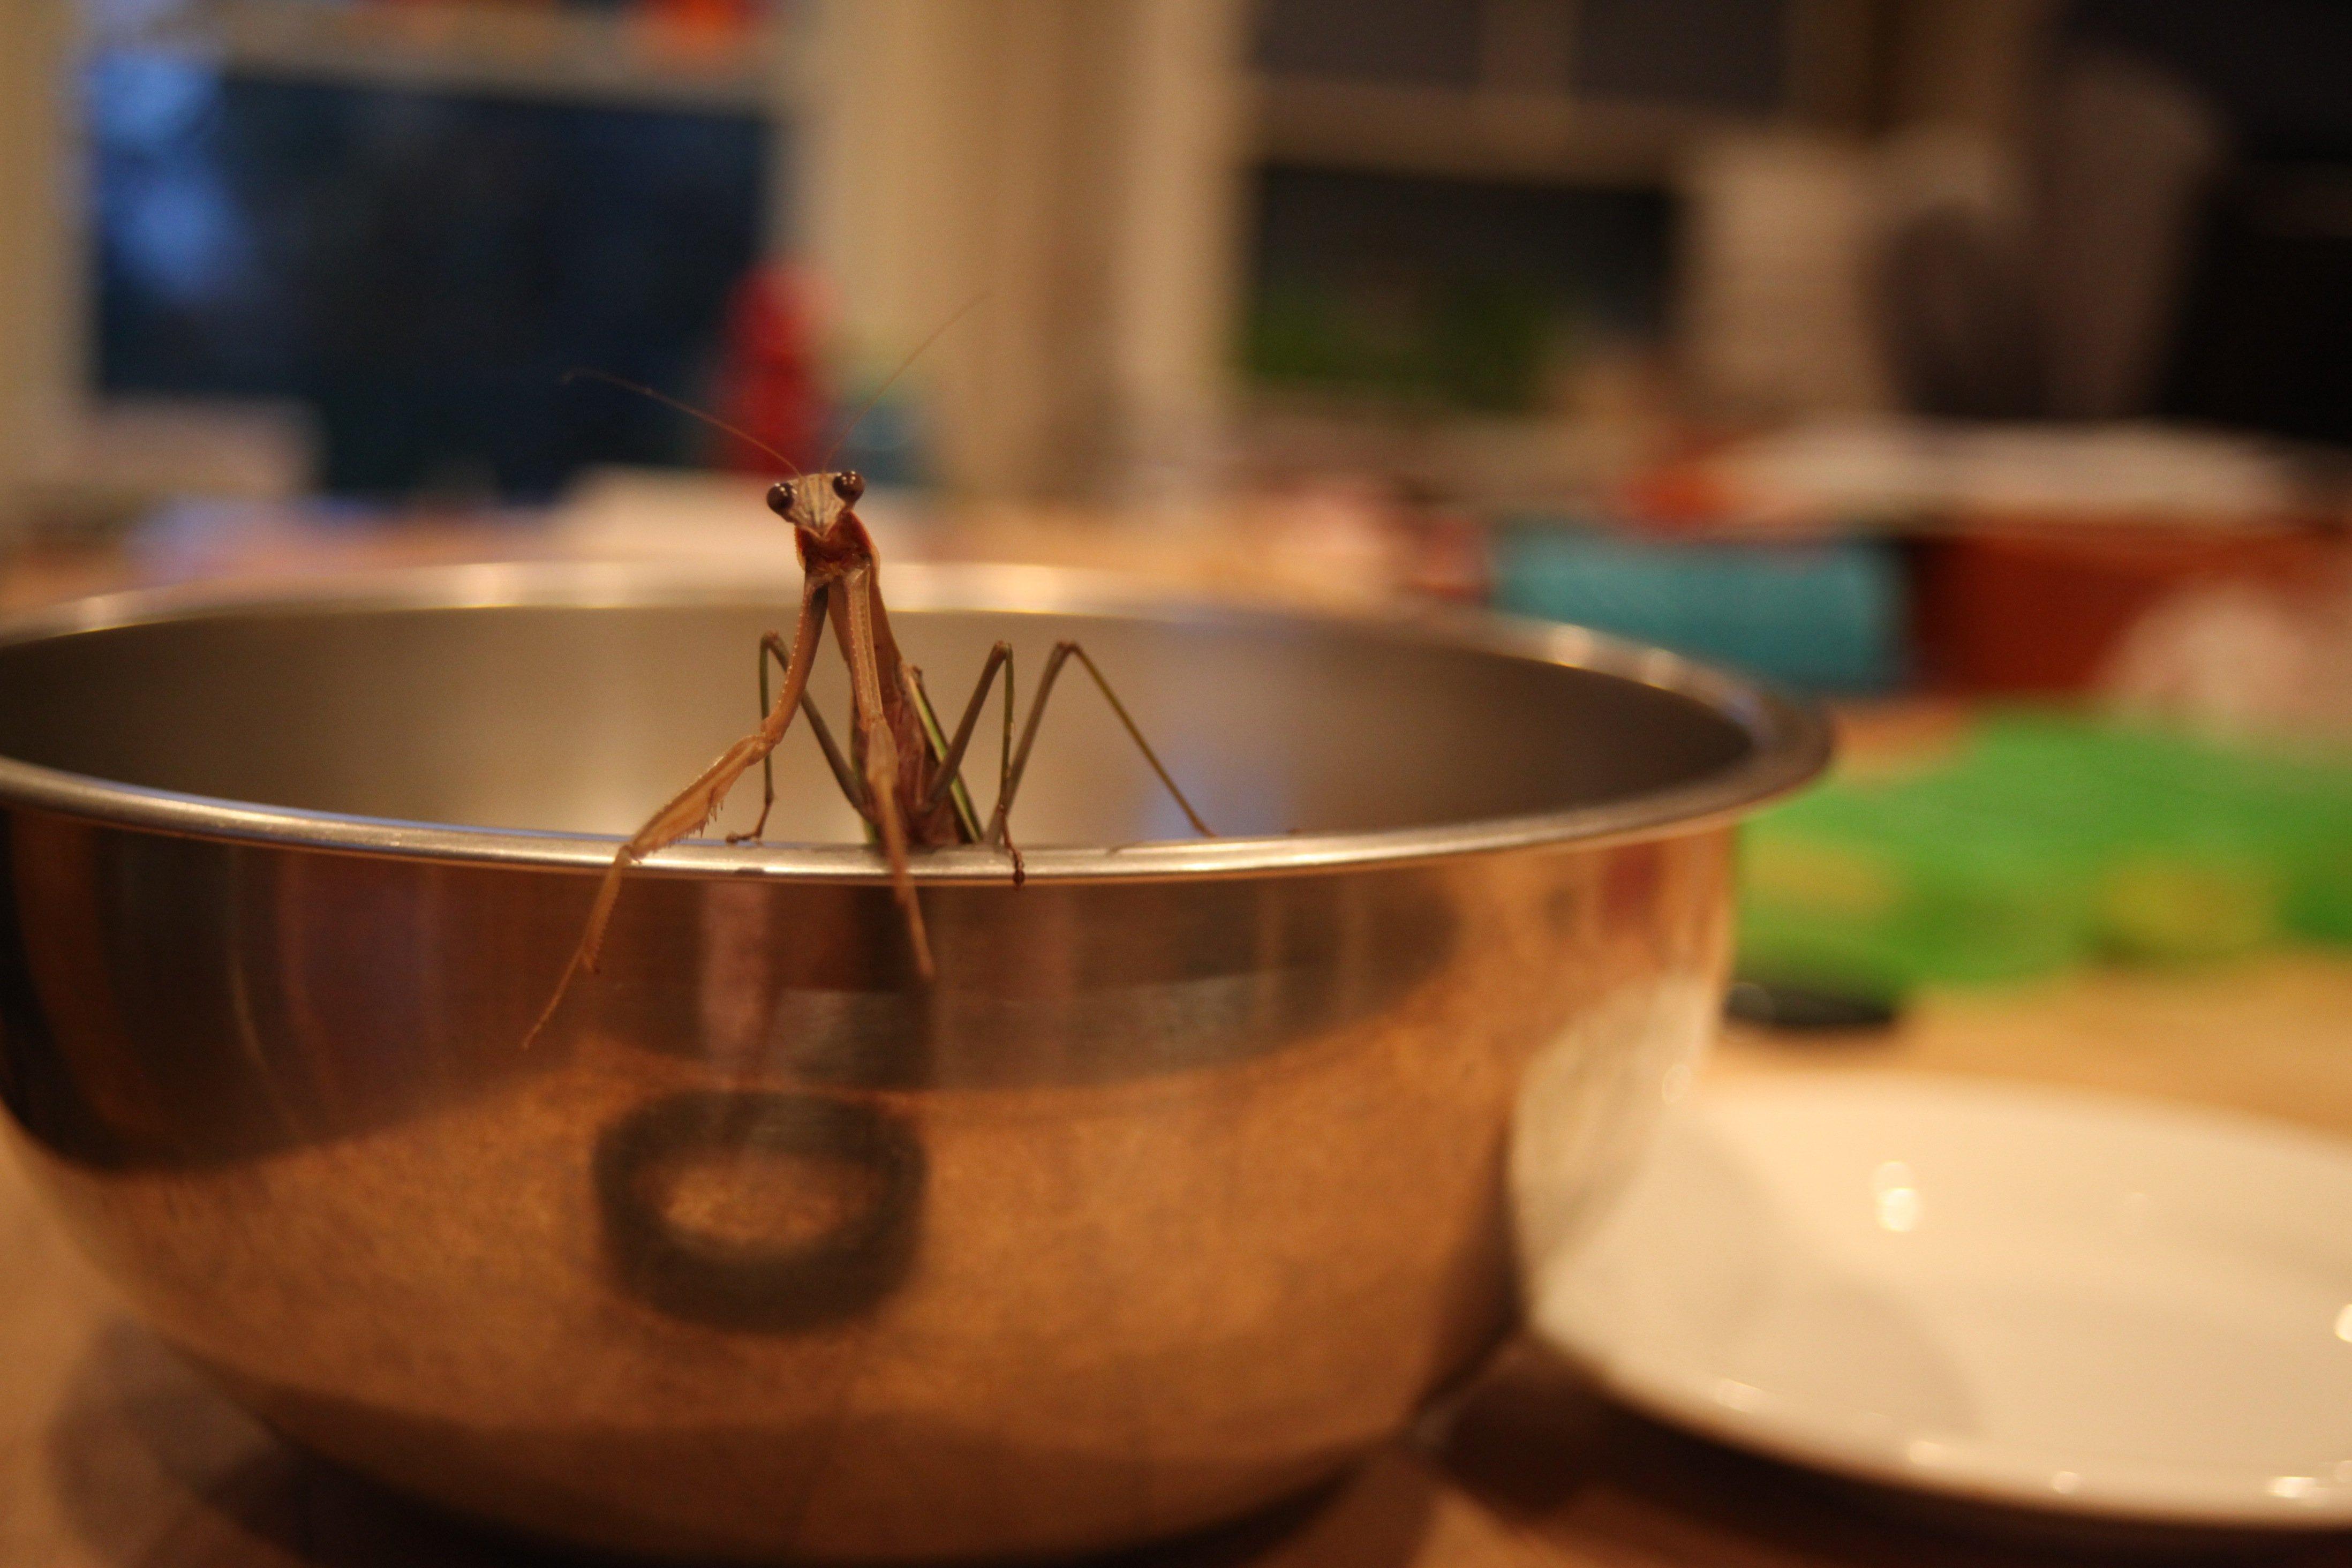 praying mantis in a bowl